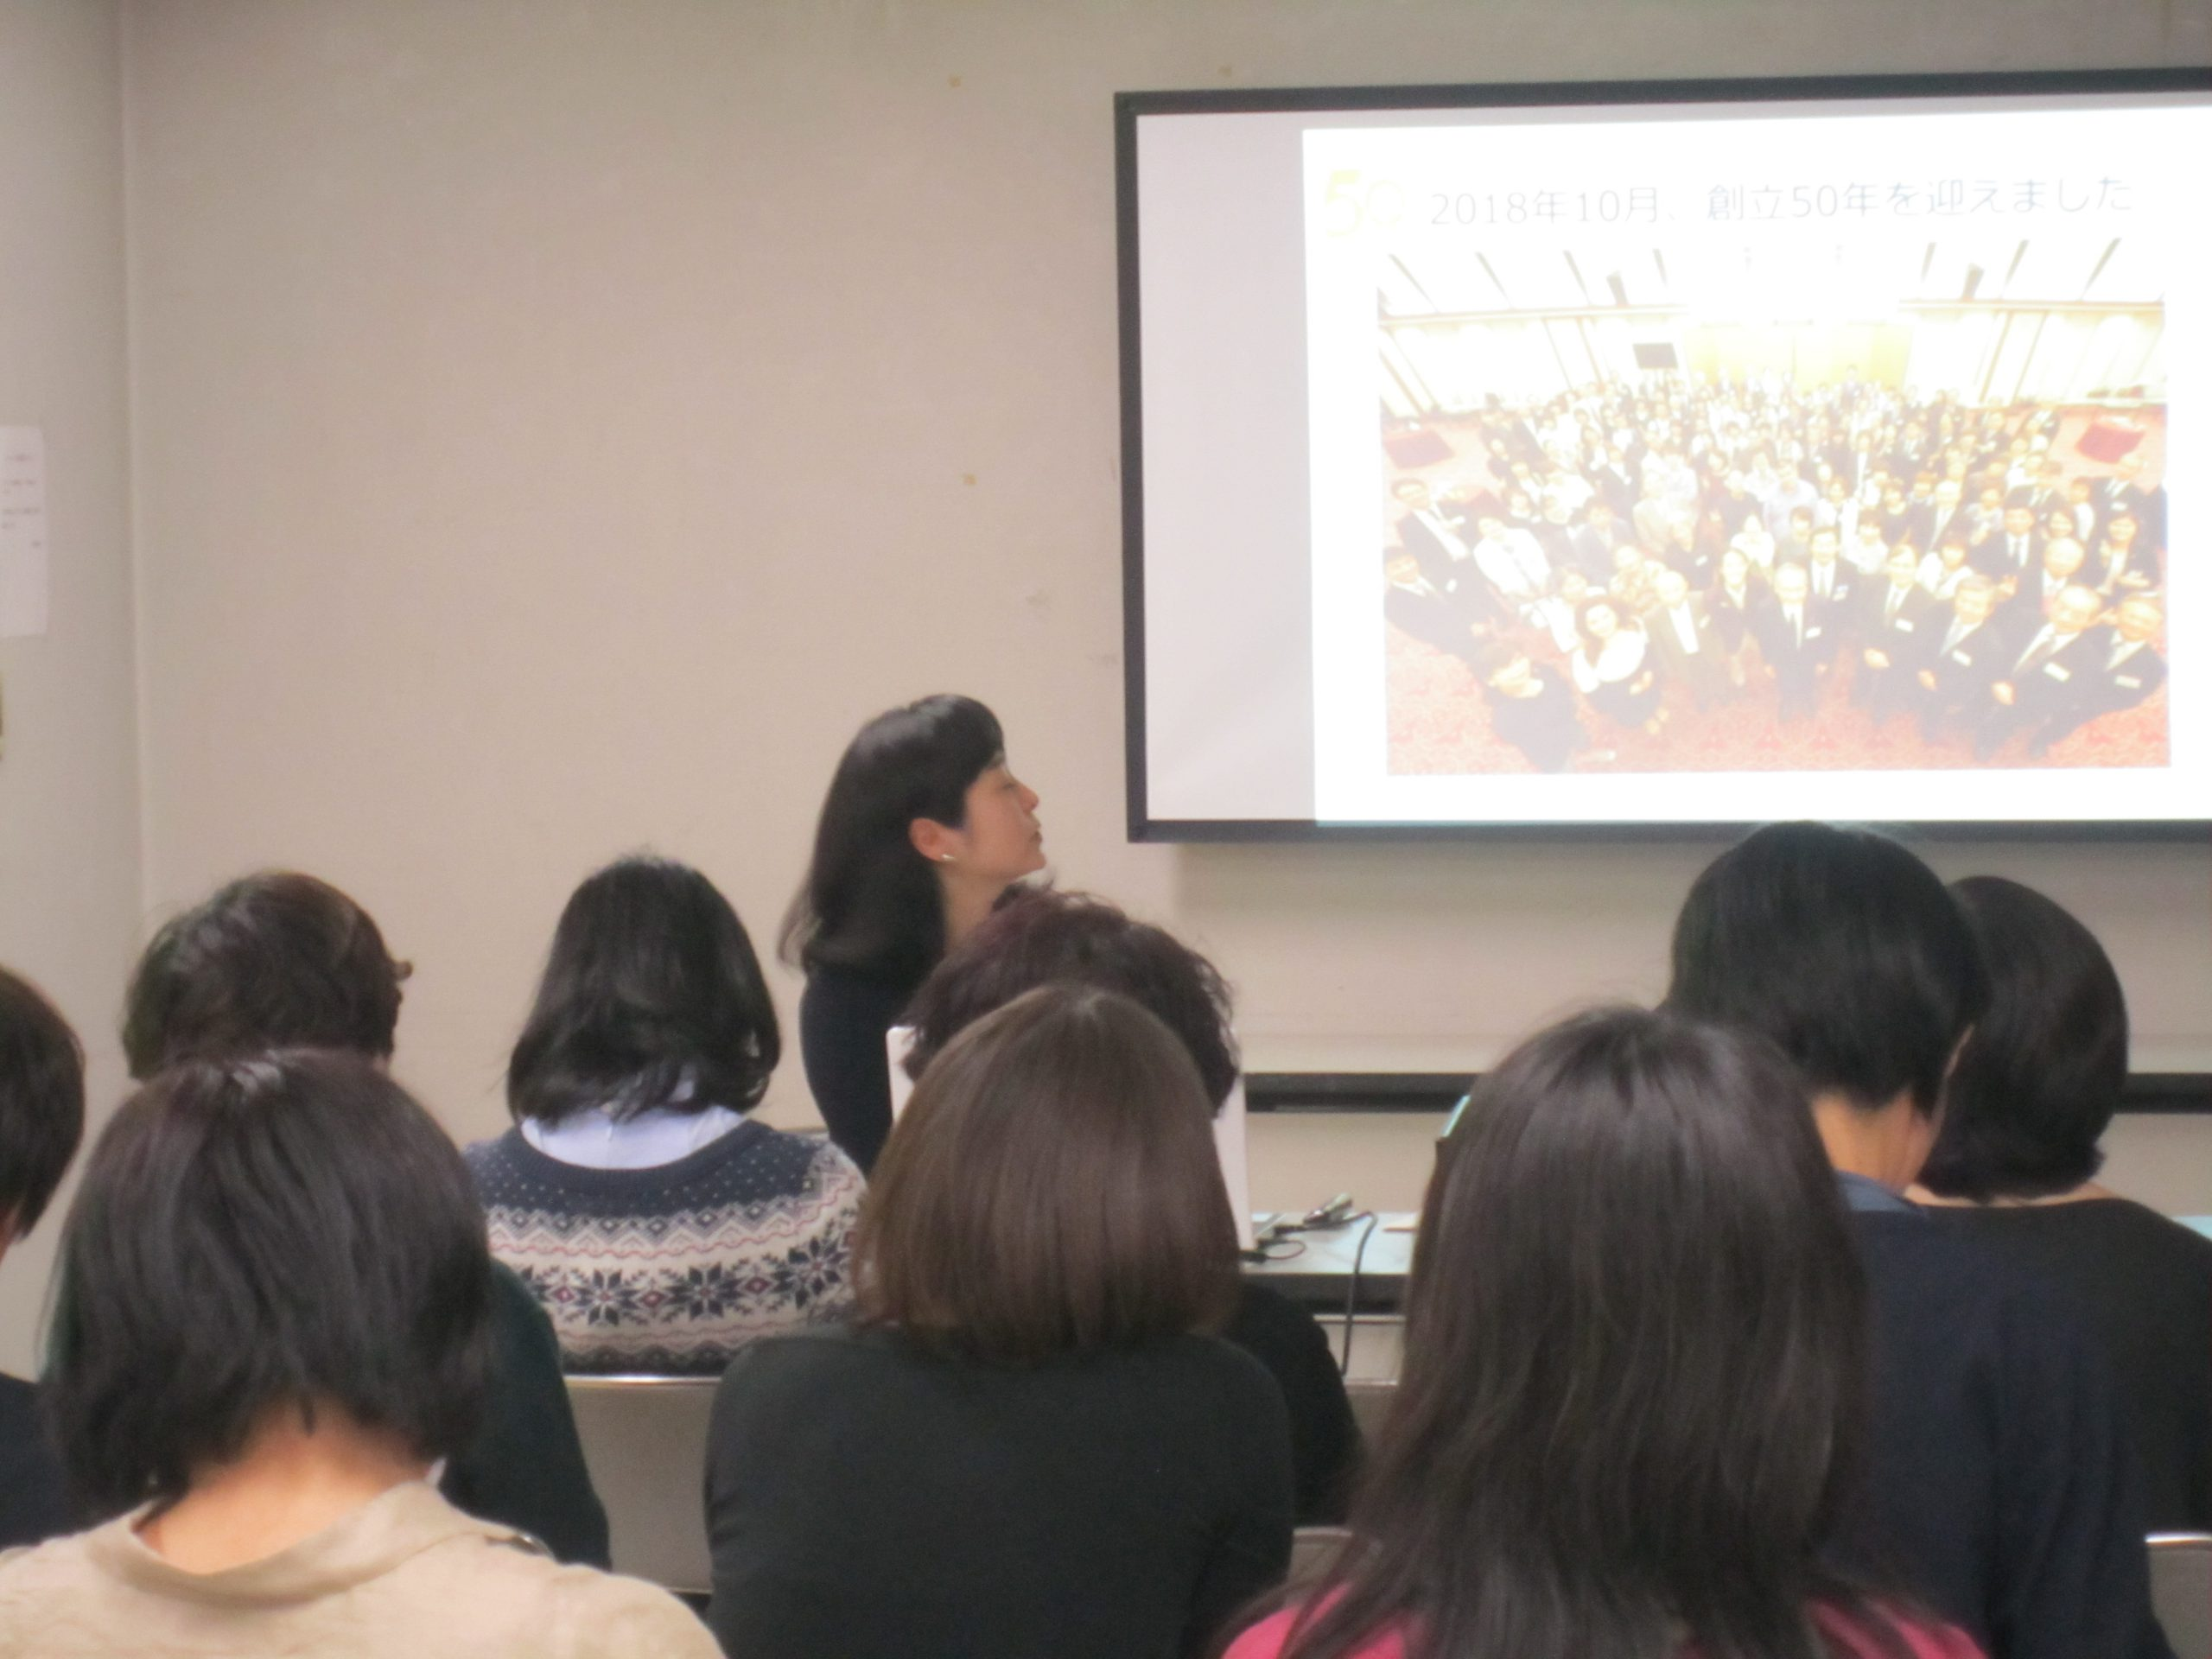 2019年3月11日 小児がん経験者と家族の講演会・交流会